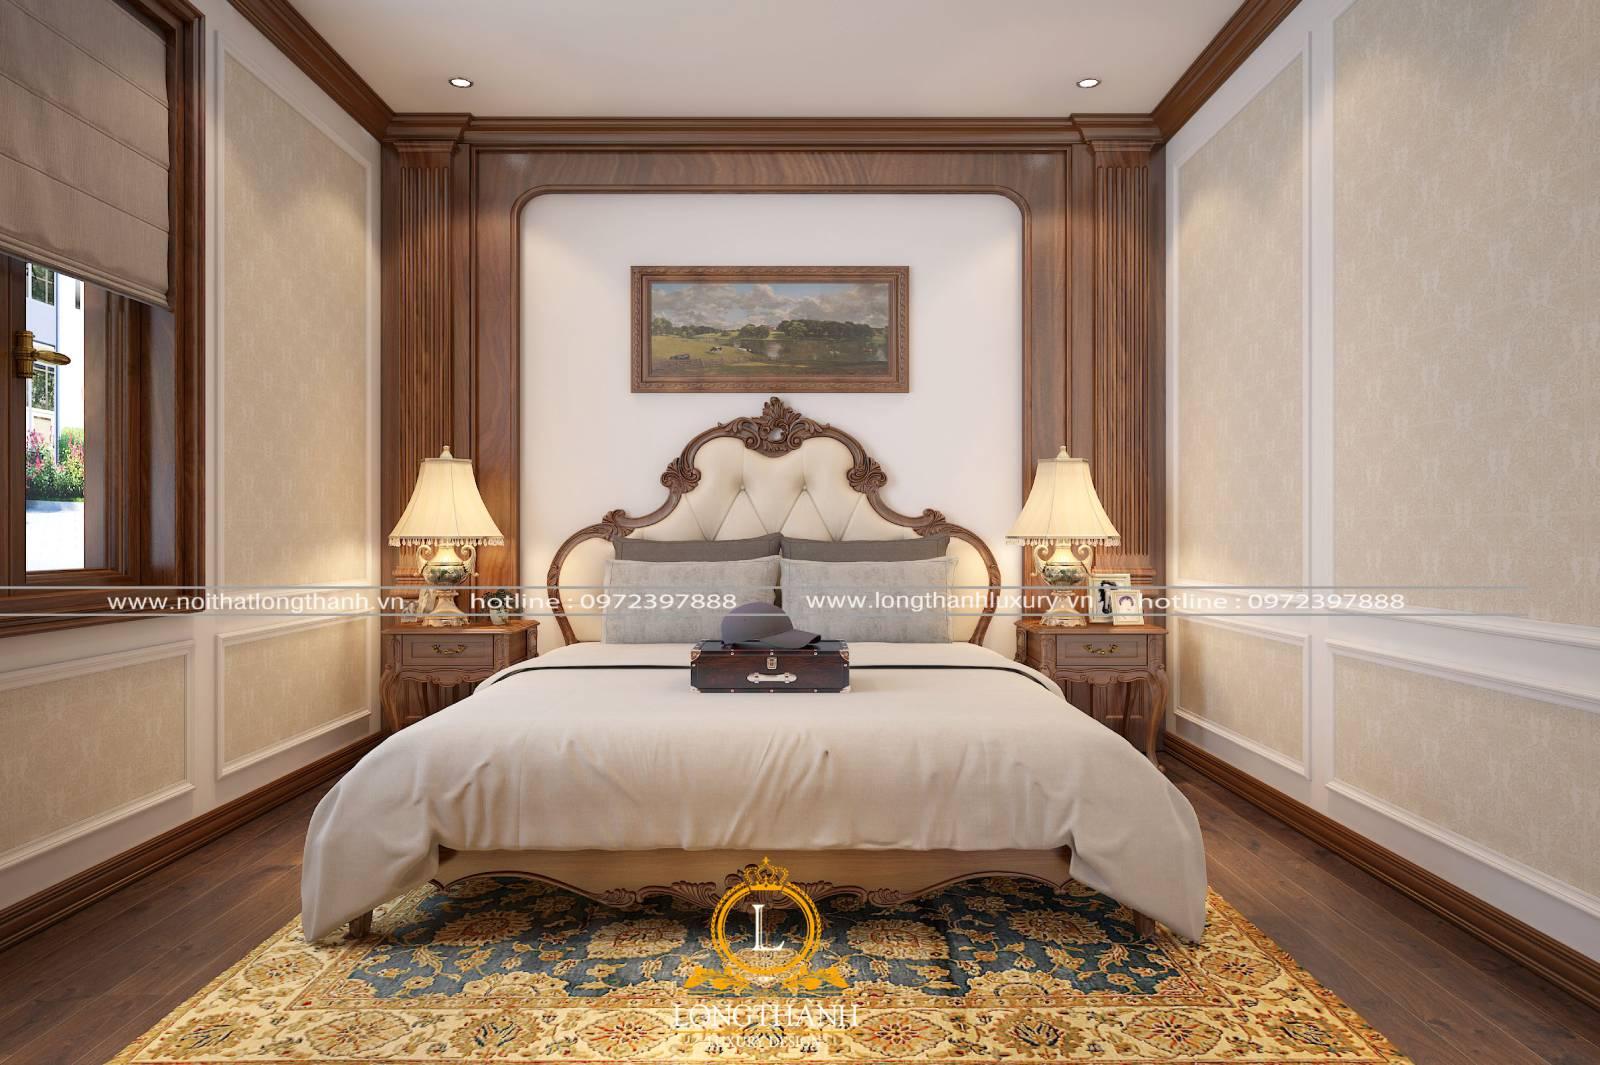 Đèn phòng ngủ tân cổ điển tạo cảm giác ấm cúng và sinh động